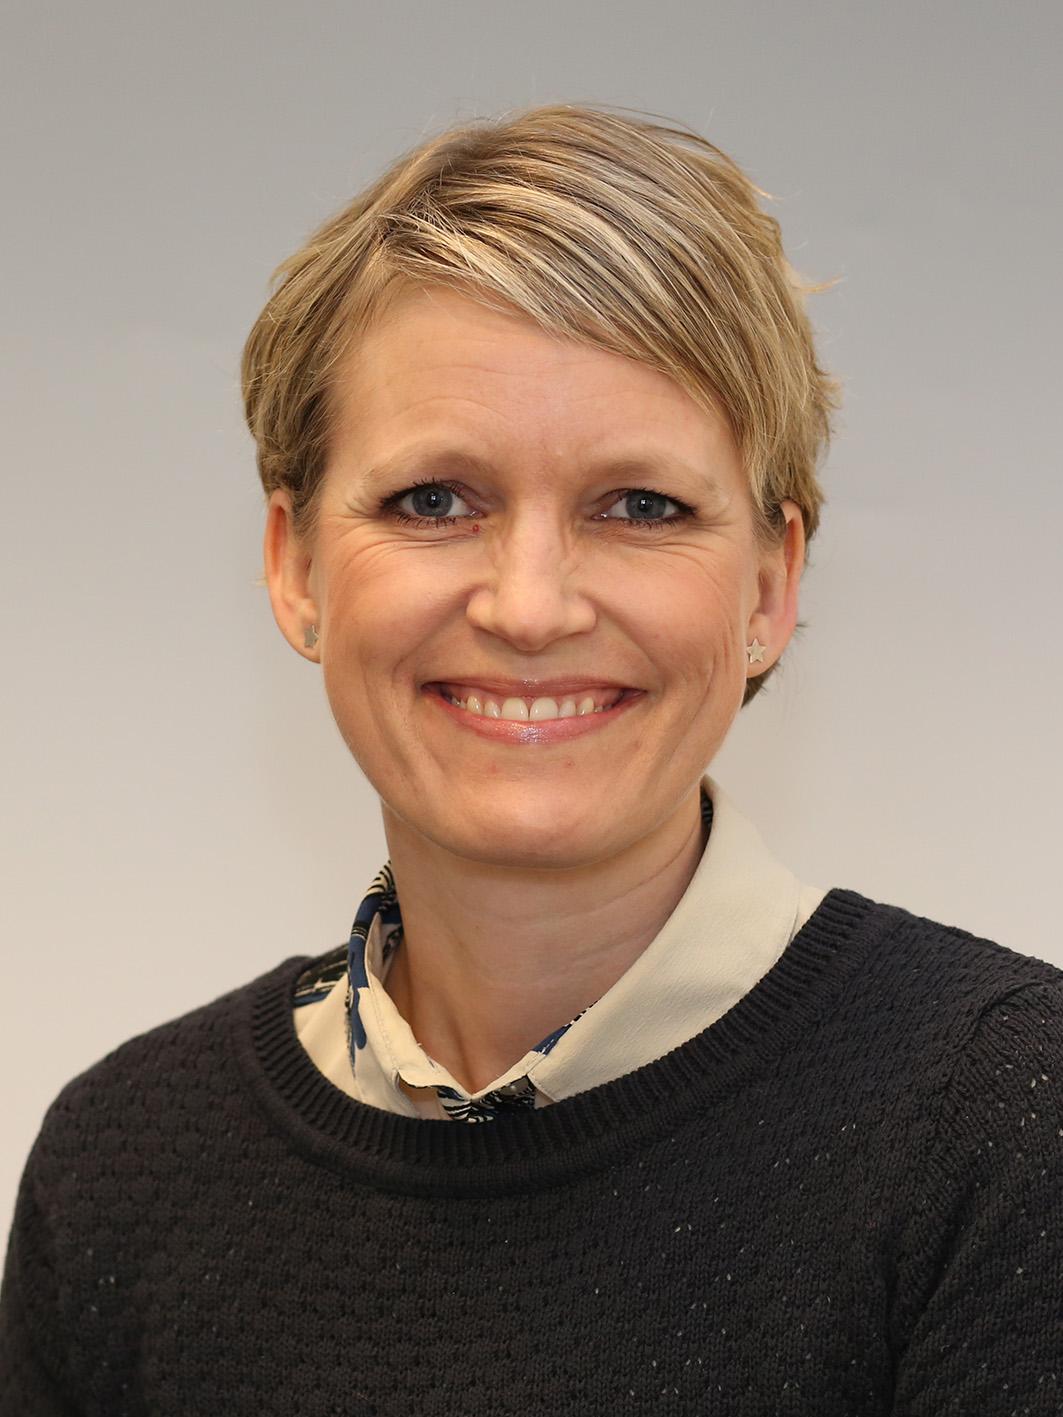 Marianne Bjerregaard Madsen